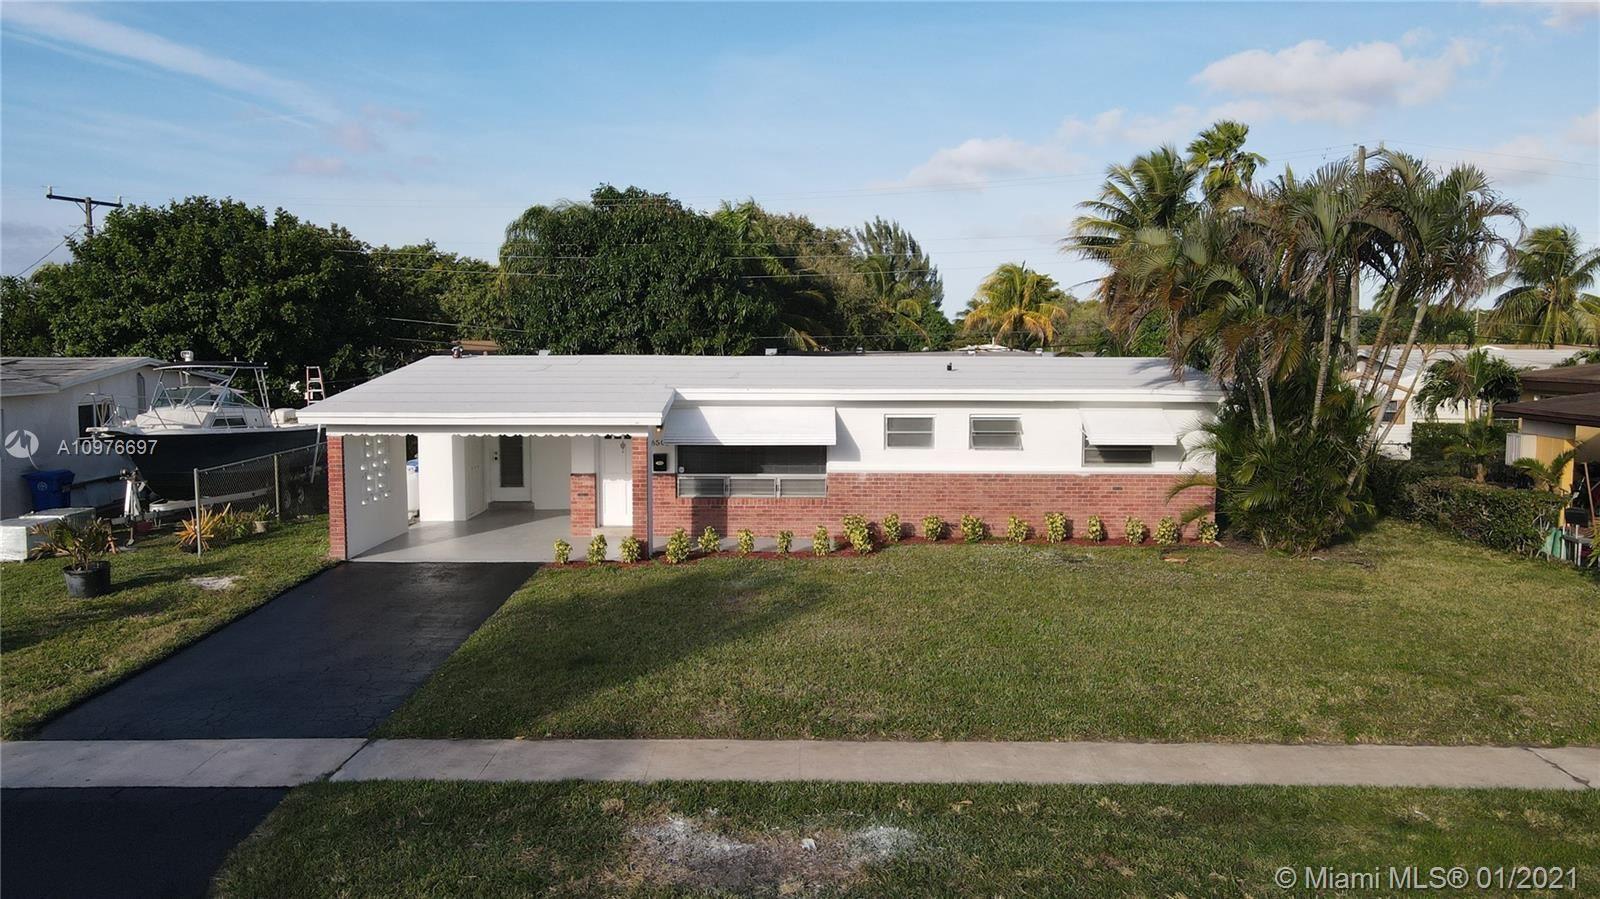 6501 SW 5th St, Pembroke Pines, FL 33023 - #: A10976697